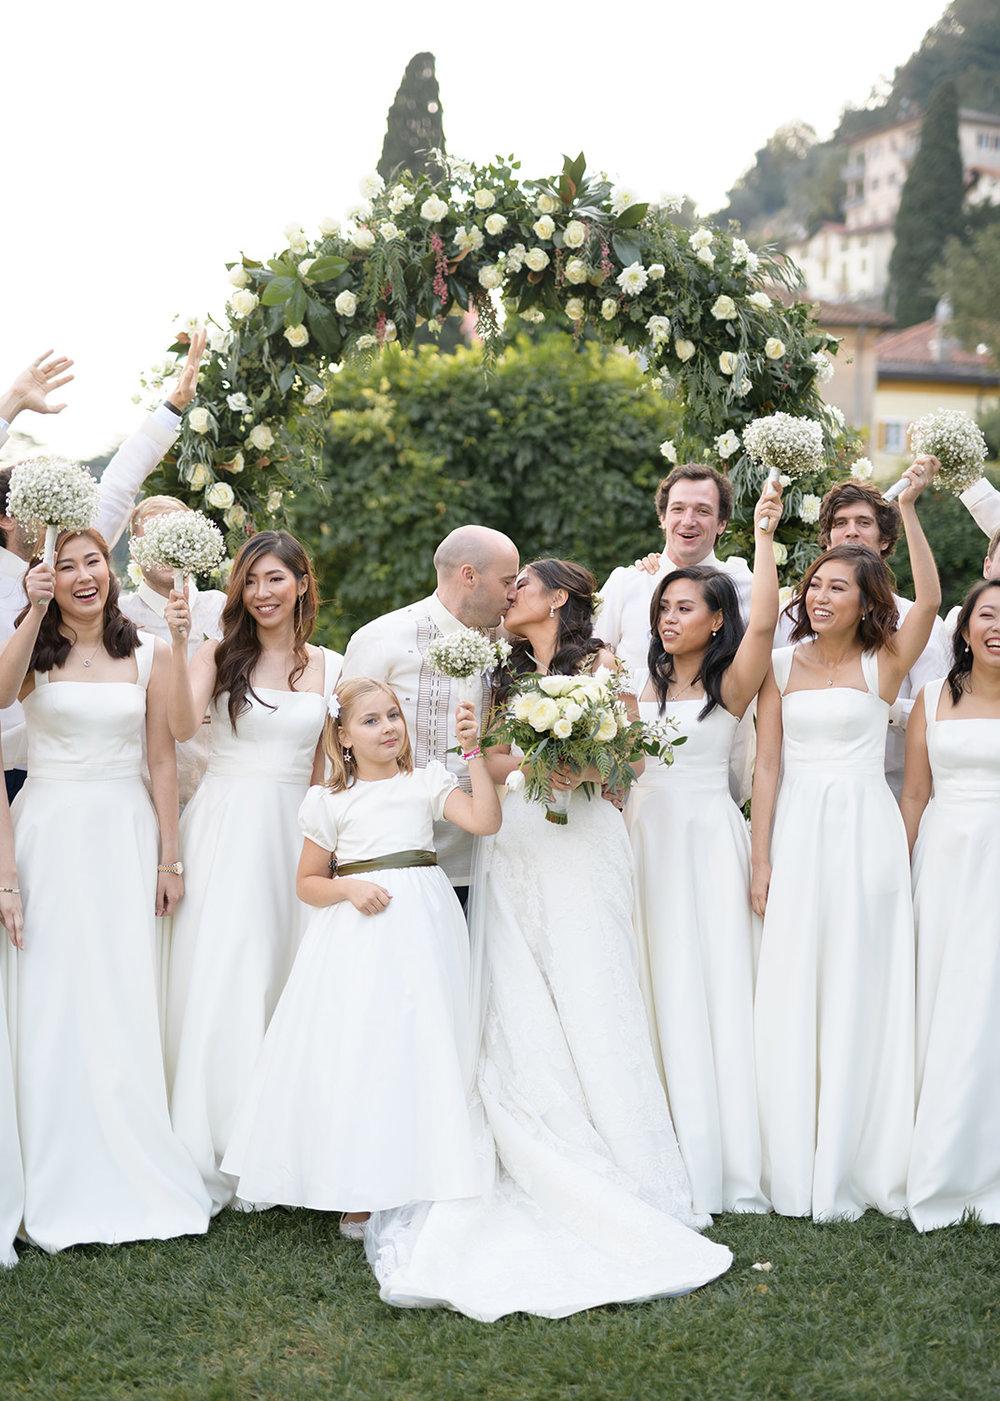 villa-regina-teodolinda-wedding-photographer-C&B-©bottega53-67.JPG